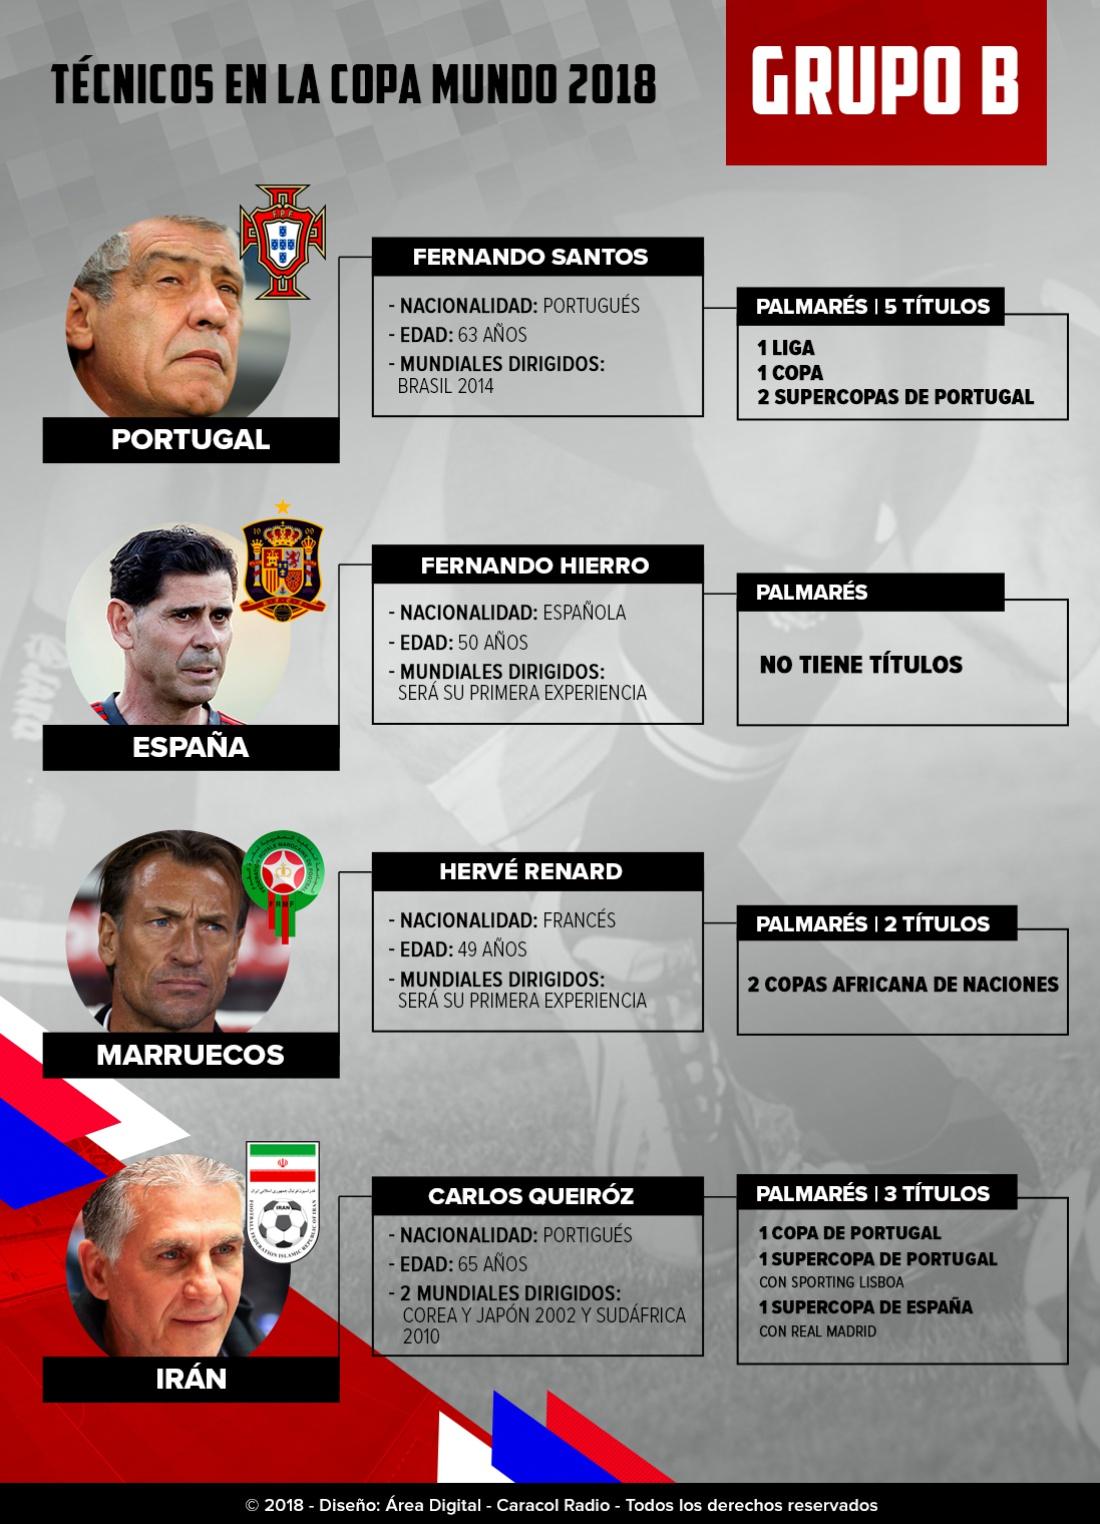 Mundial 2018: Los técnicos: Fernando Hierro será la gran novedad en el Grupo B